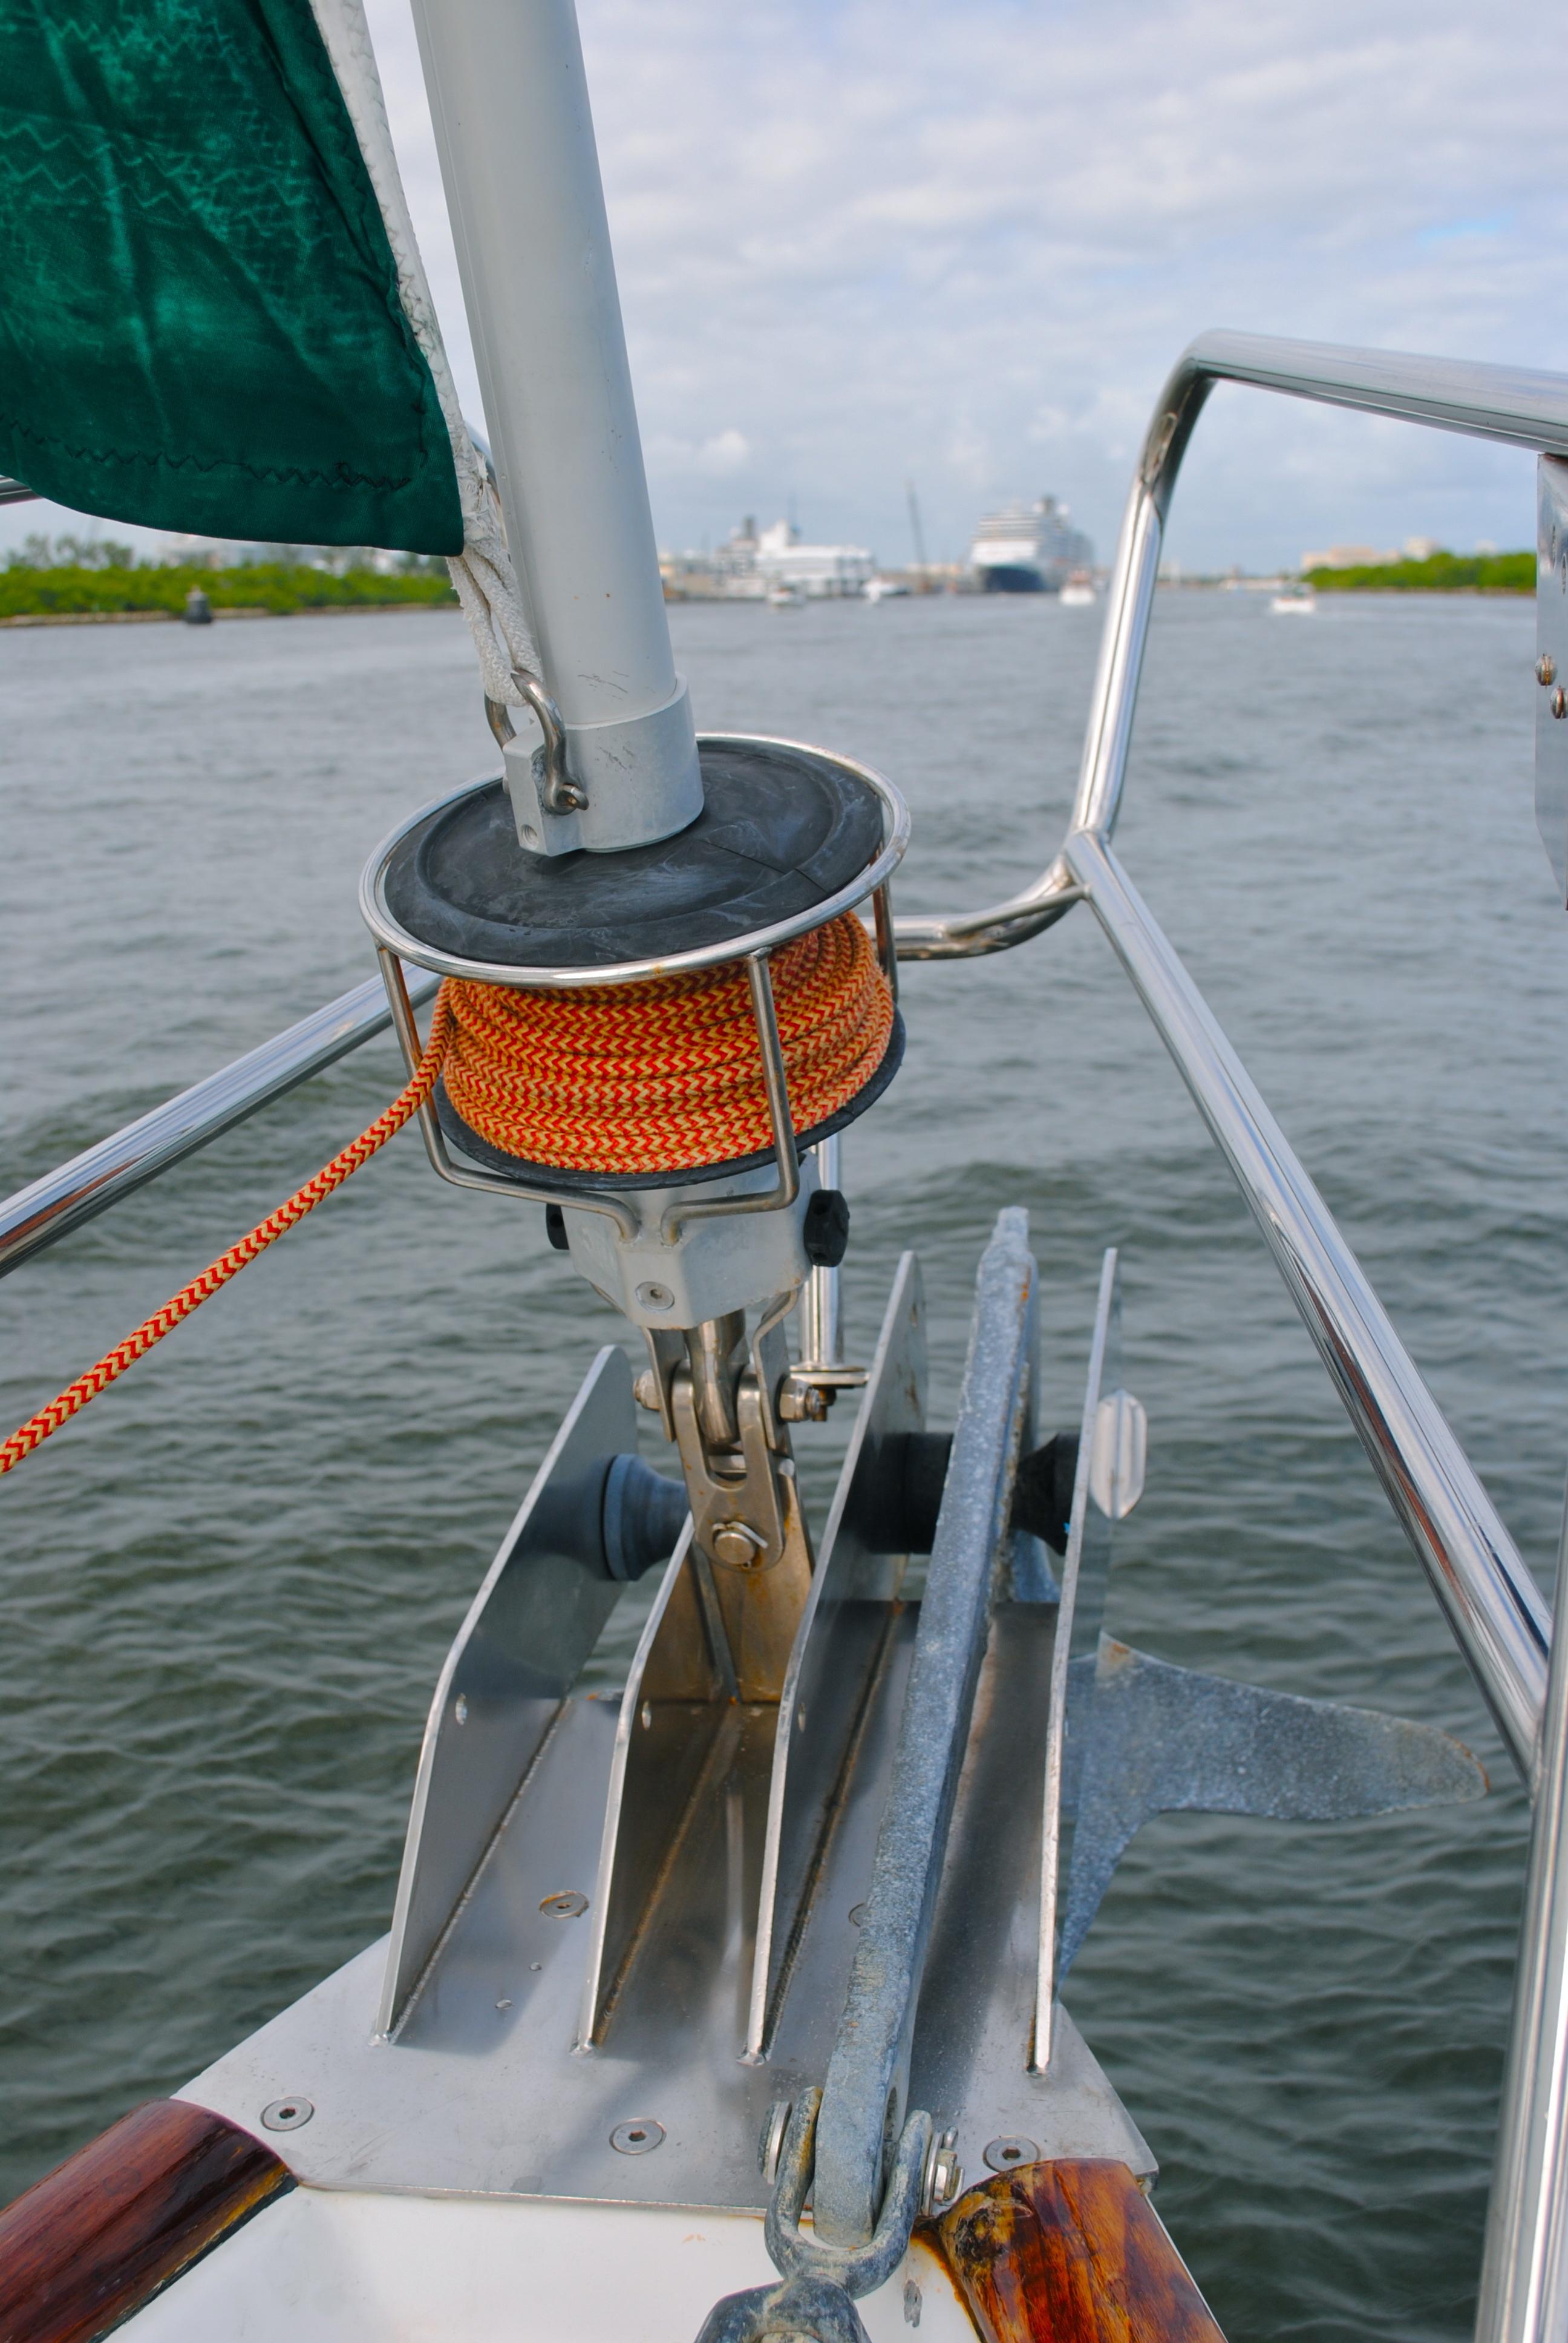 Free Images : boat, vehicle, mast, rigging, sailboat, nautical, sail ...